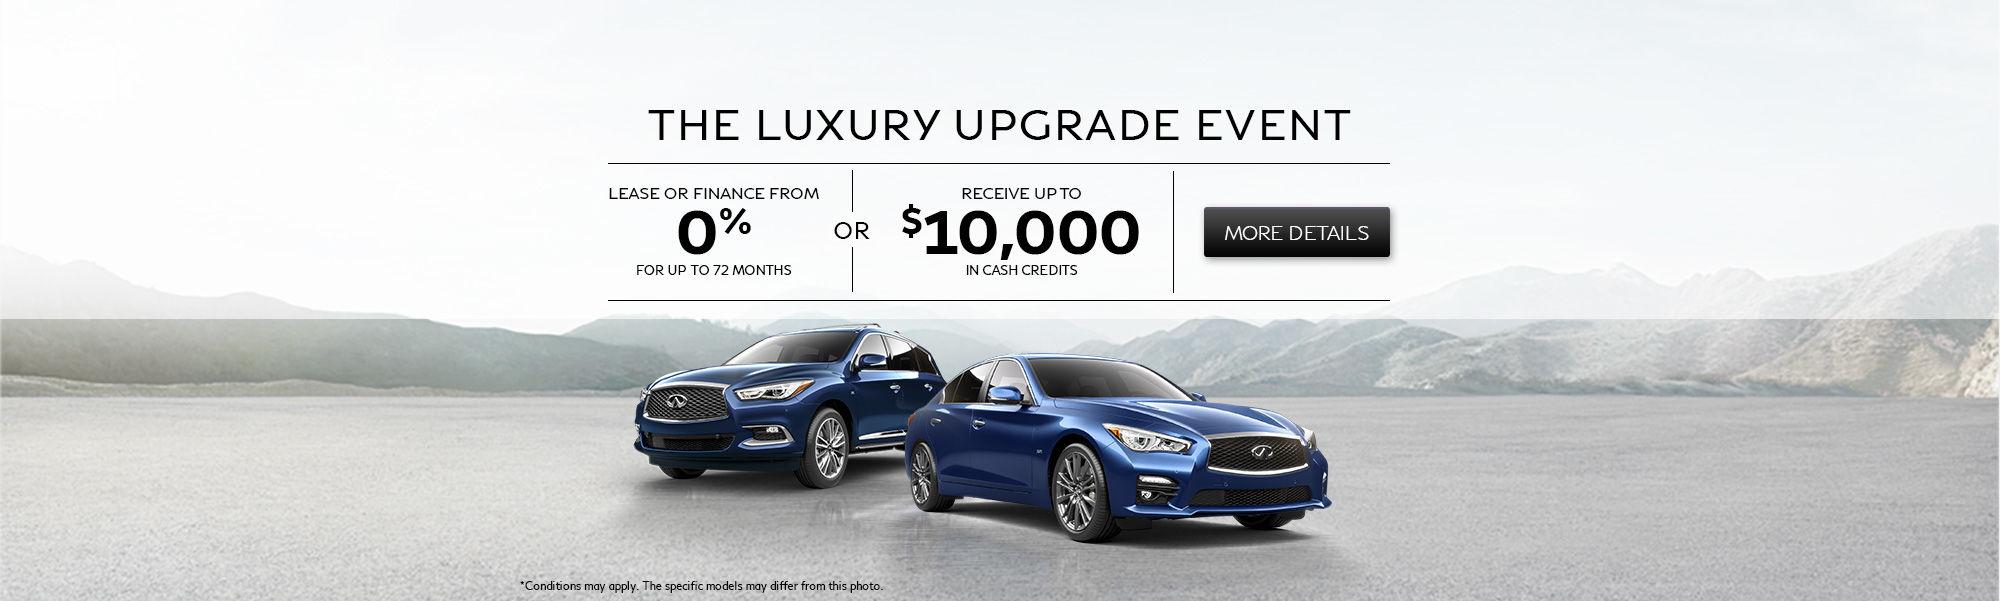 The Luxury Upgrade Event